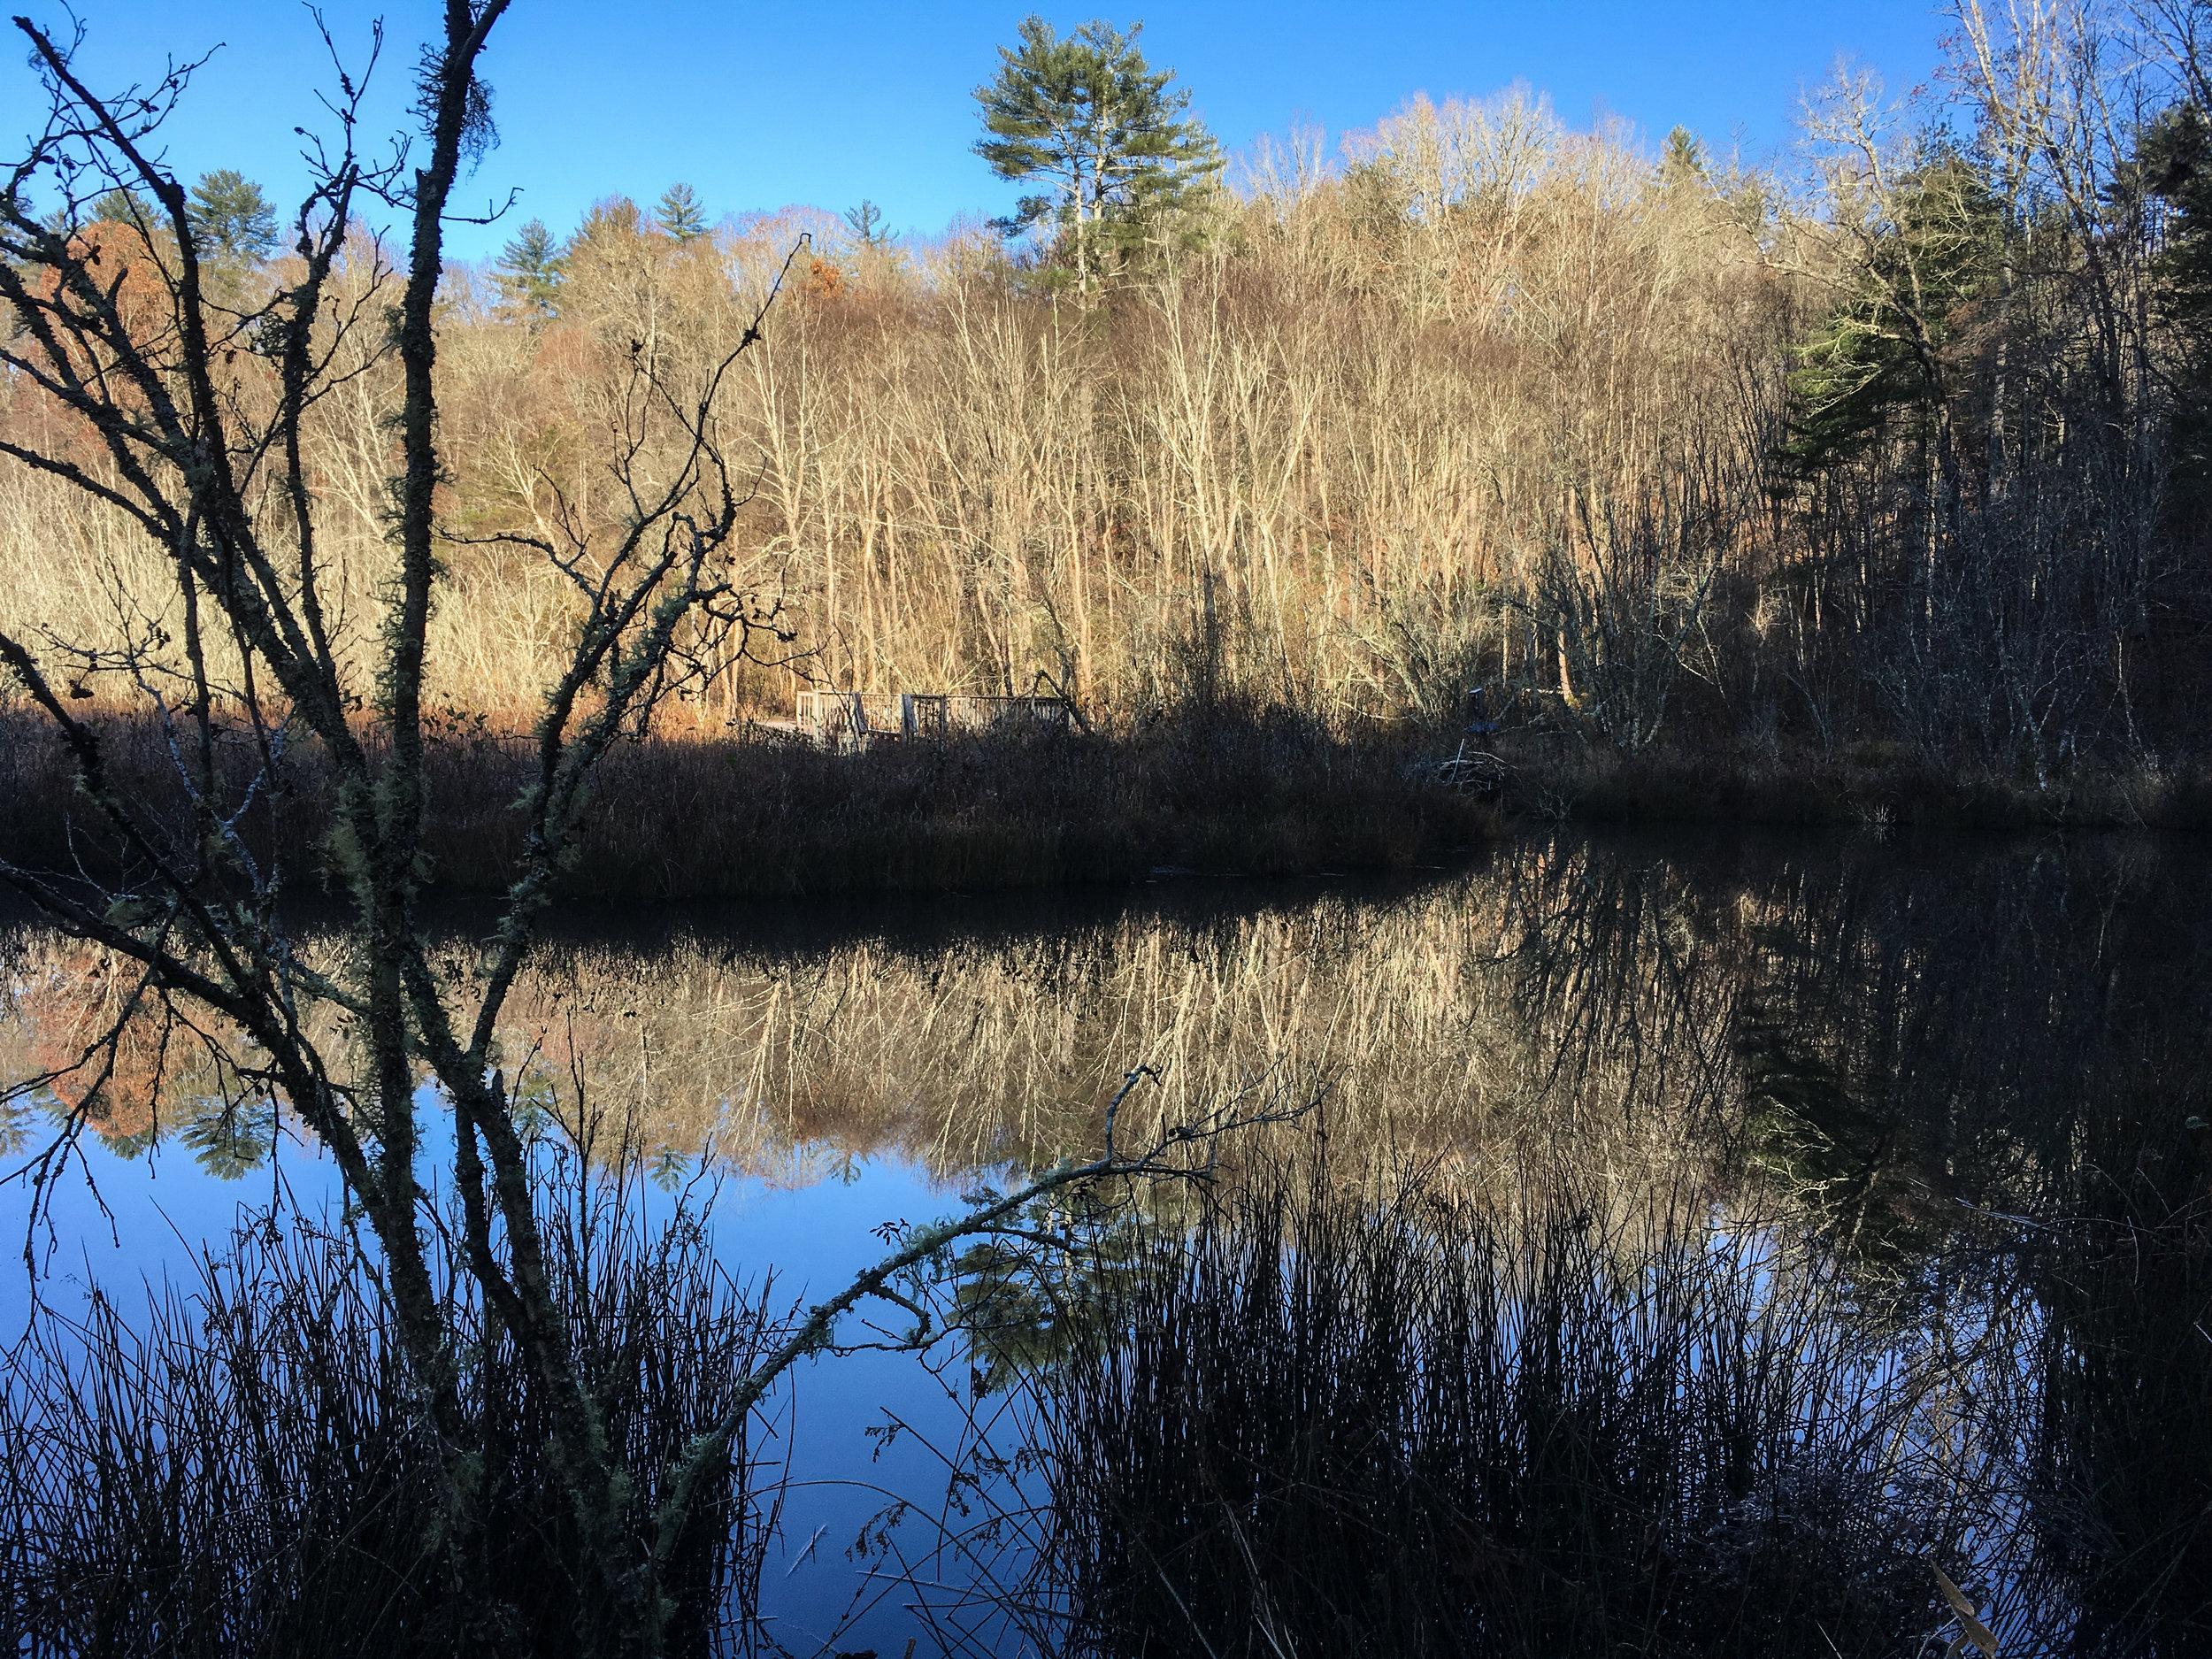 Wetland Loop Trail, November 24, 2017